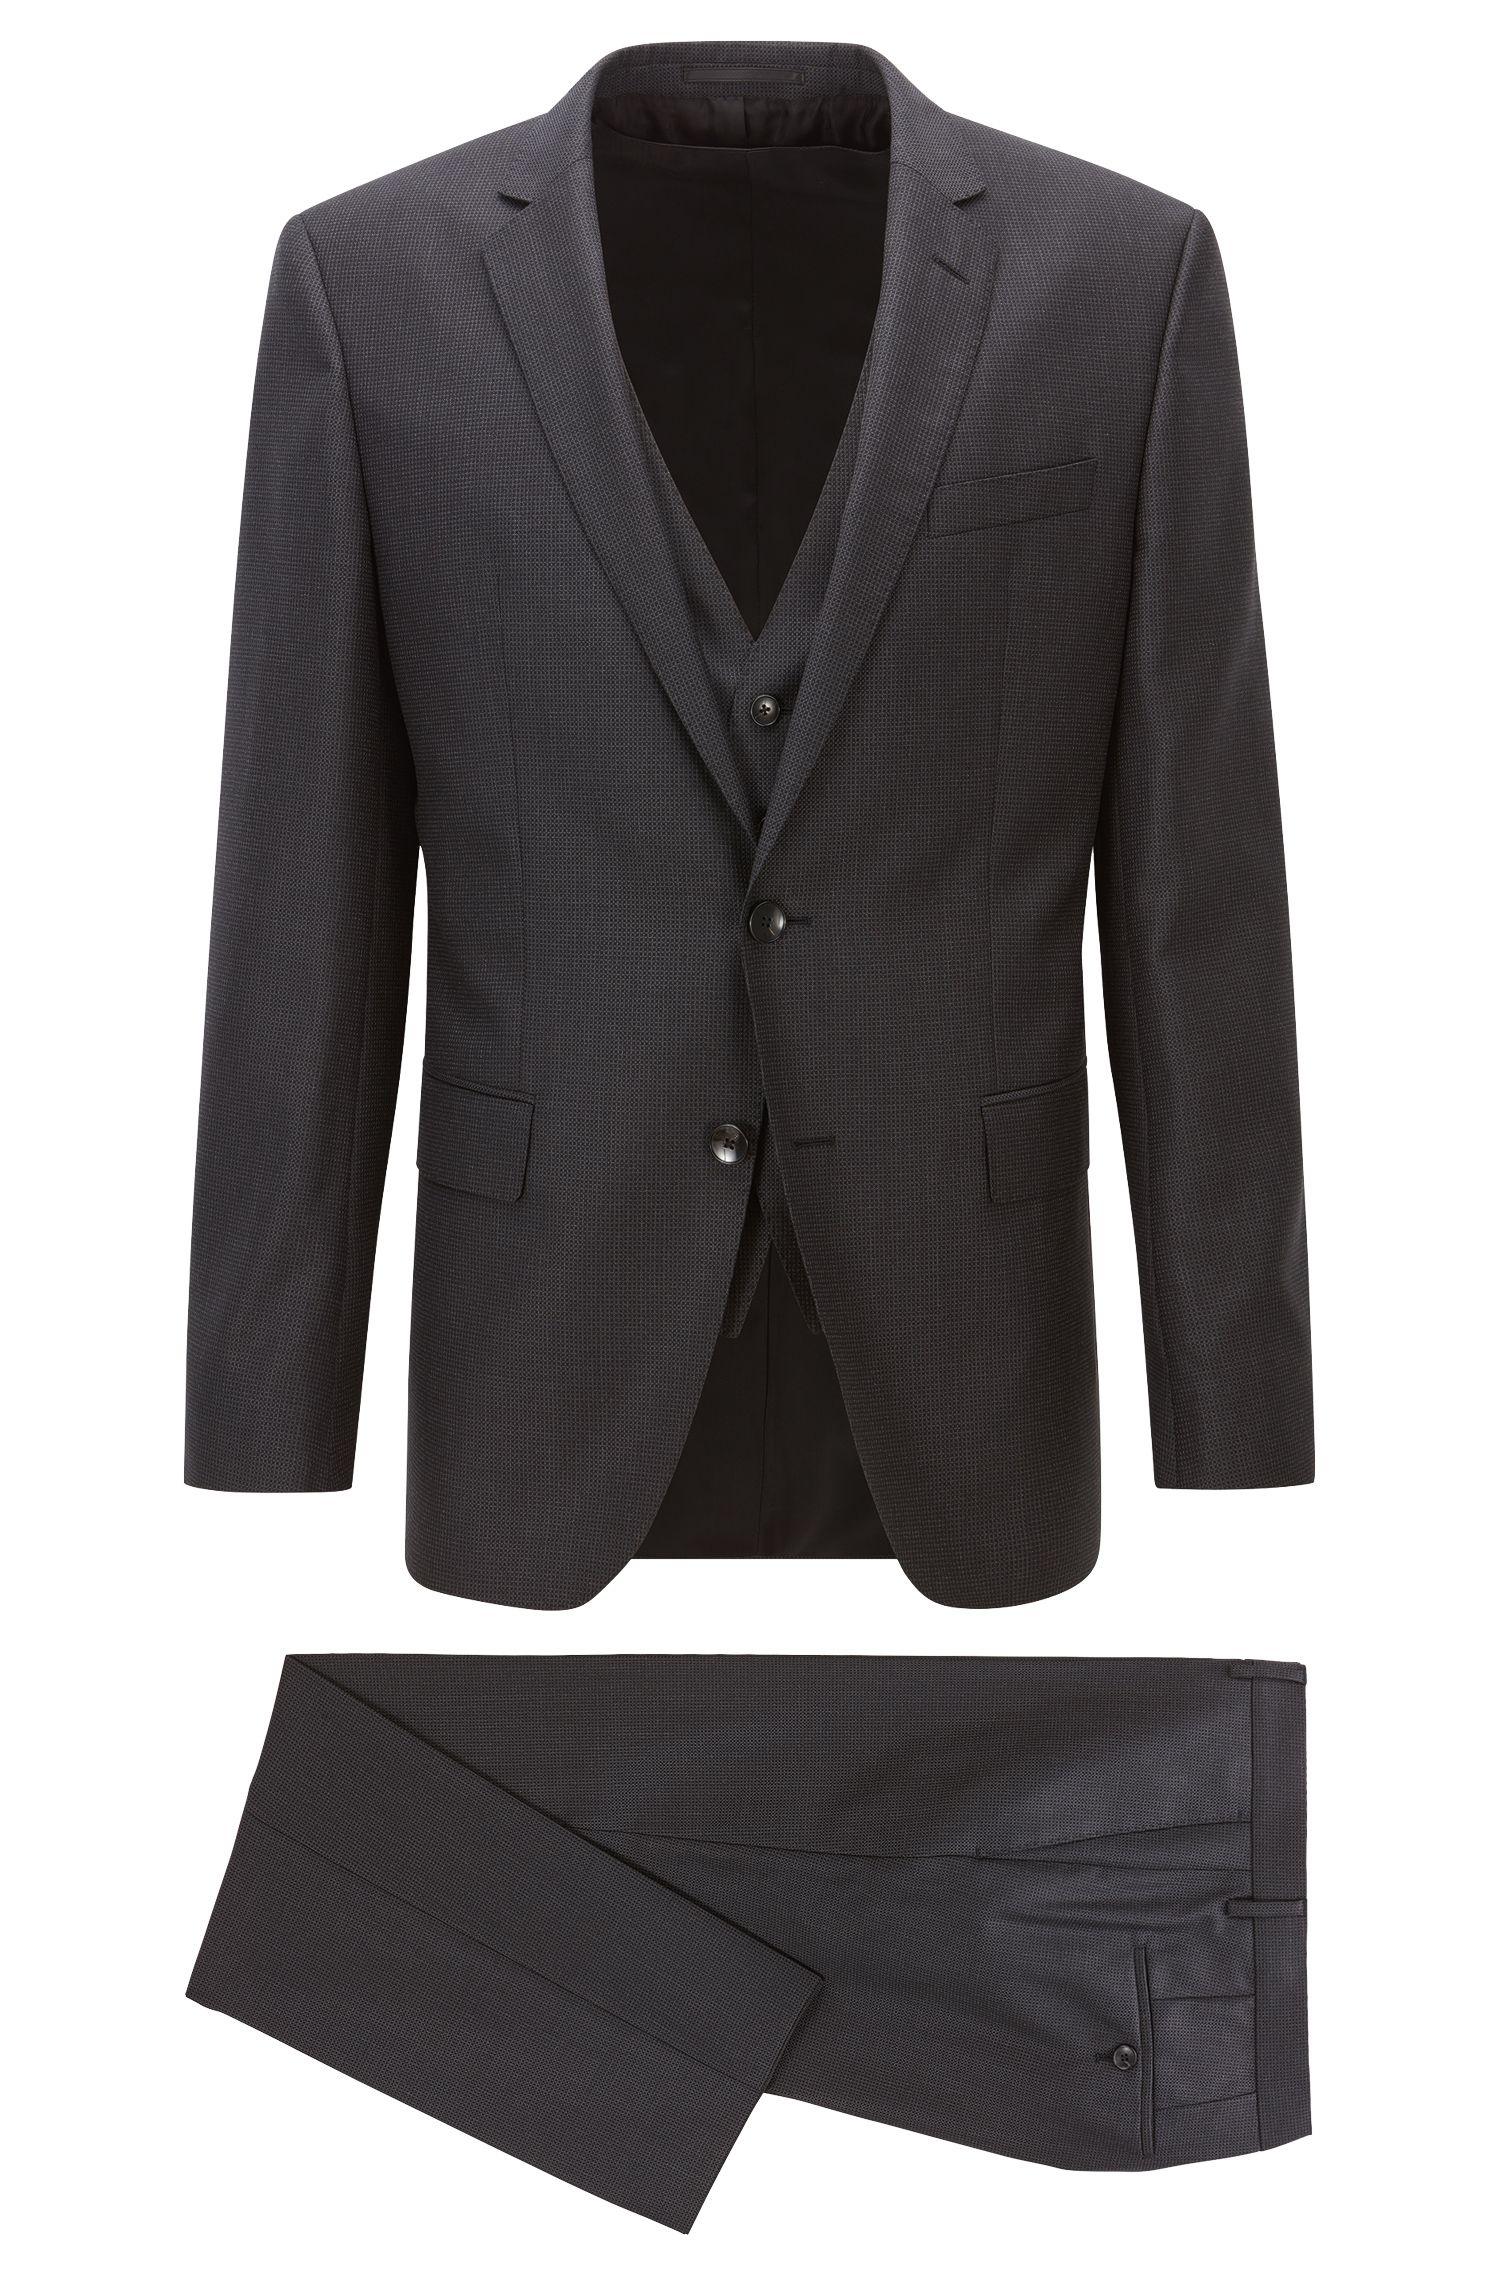 Nailhead Super 120 Virgin Wool 3-Piece Suit, Slim Fit | Huge/Genius WE